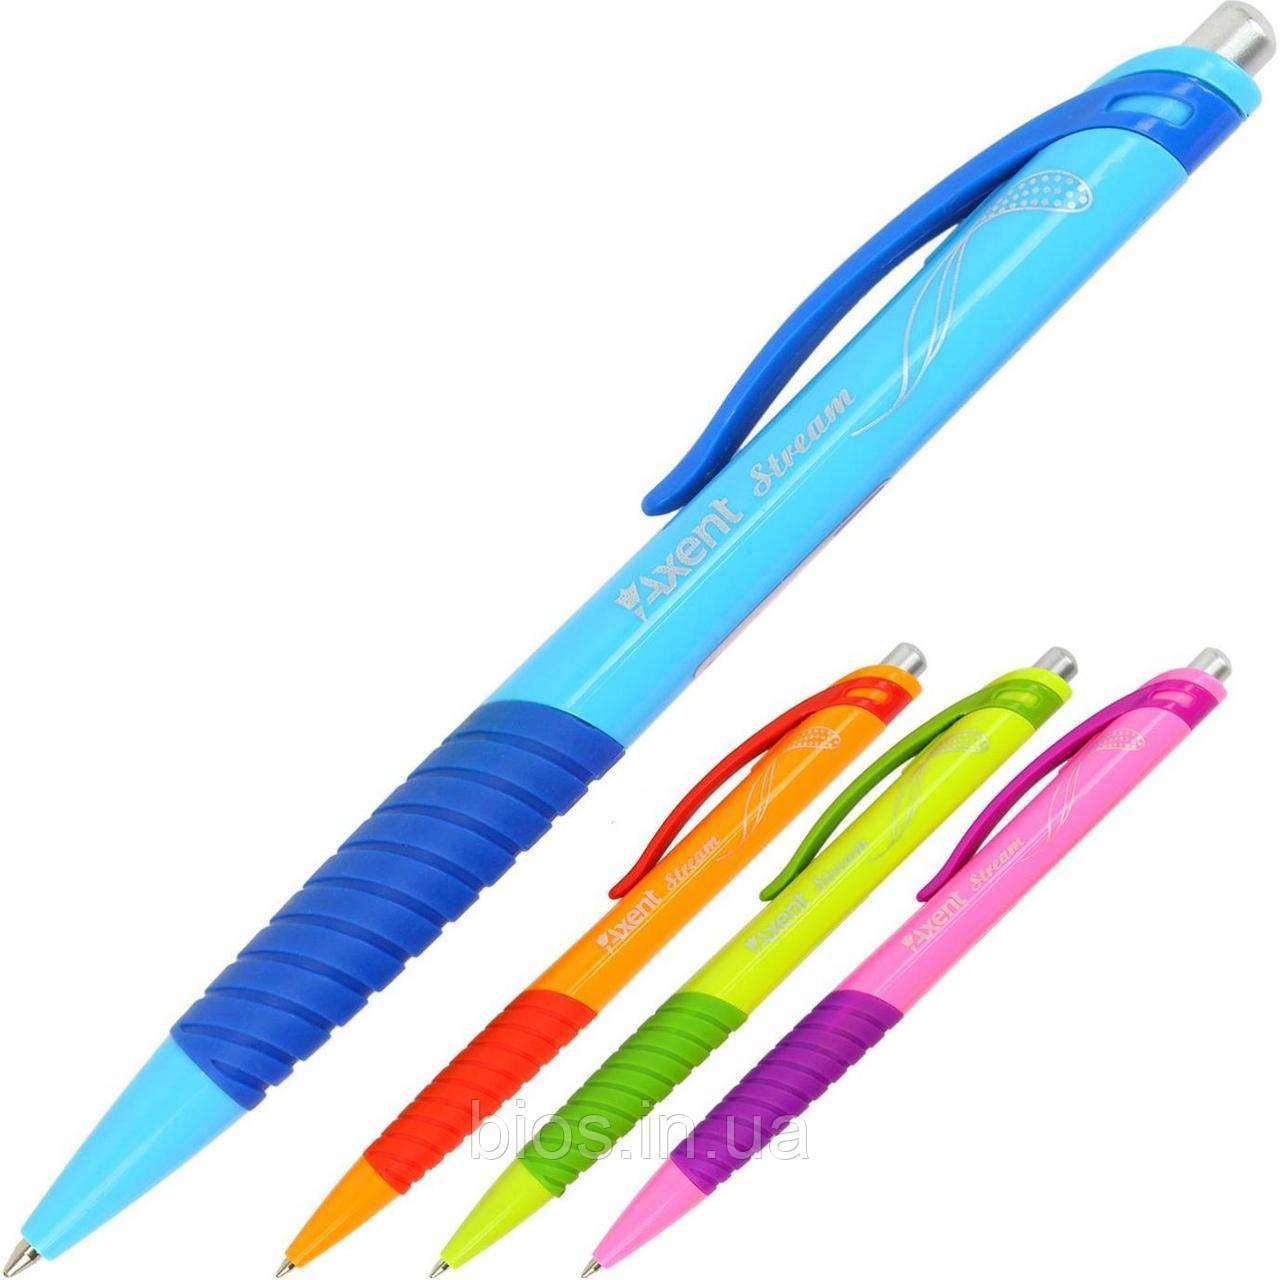 Ручка кул. авт. Stream, синя